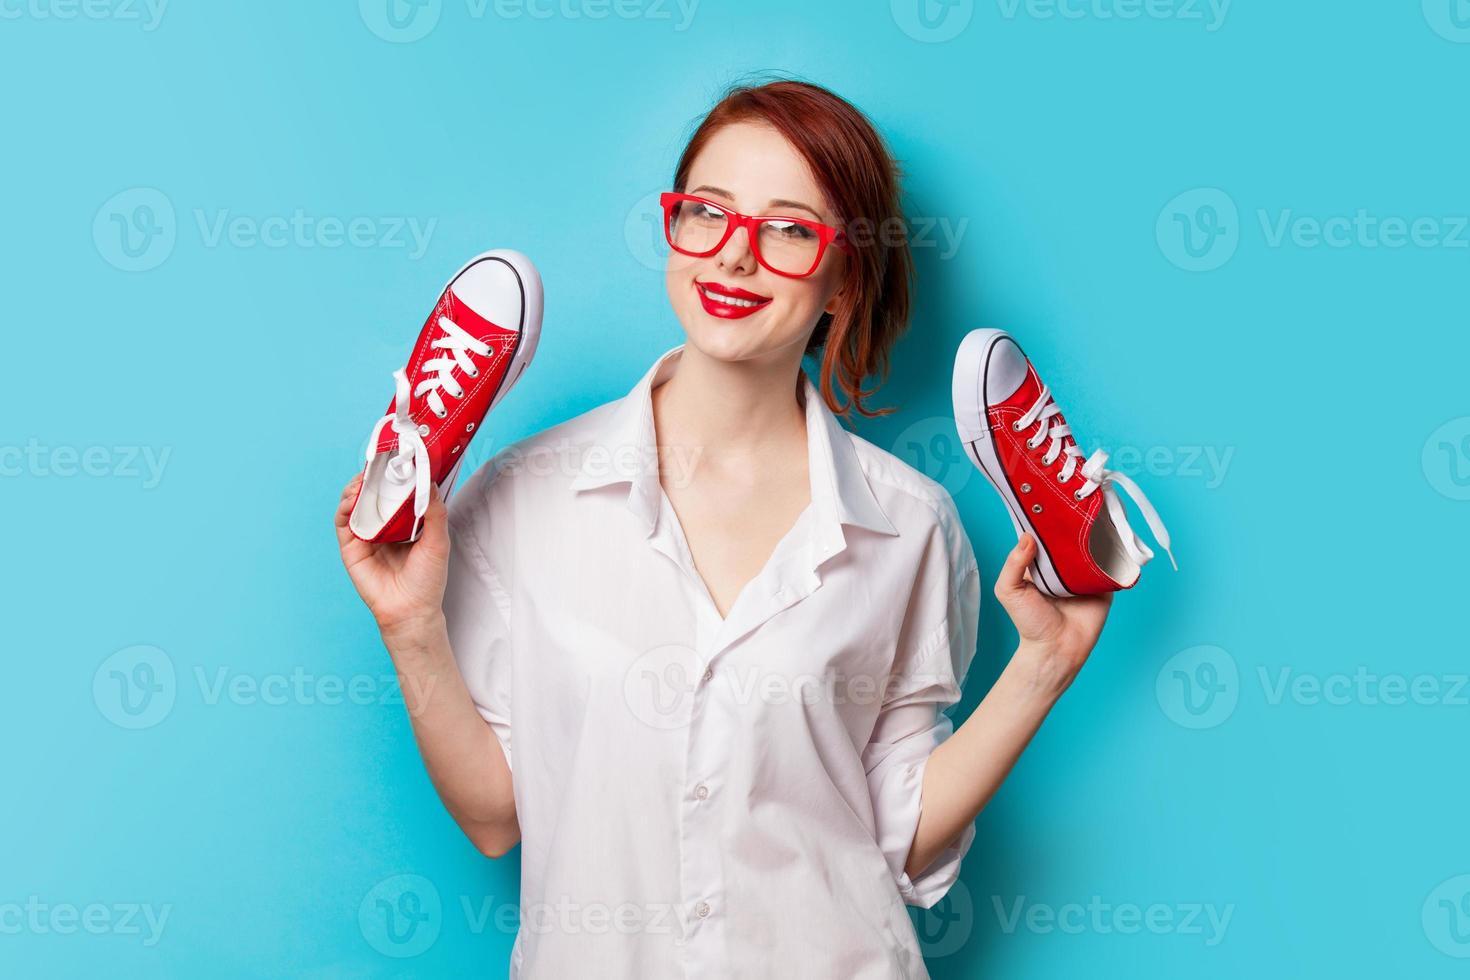 belle rousse en chemise blanche avec gumshoes photo